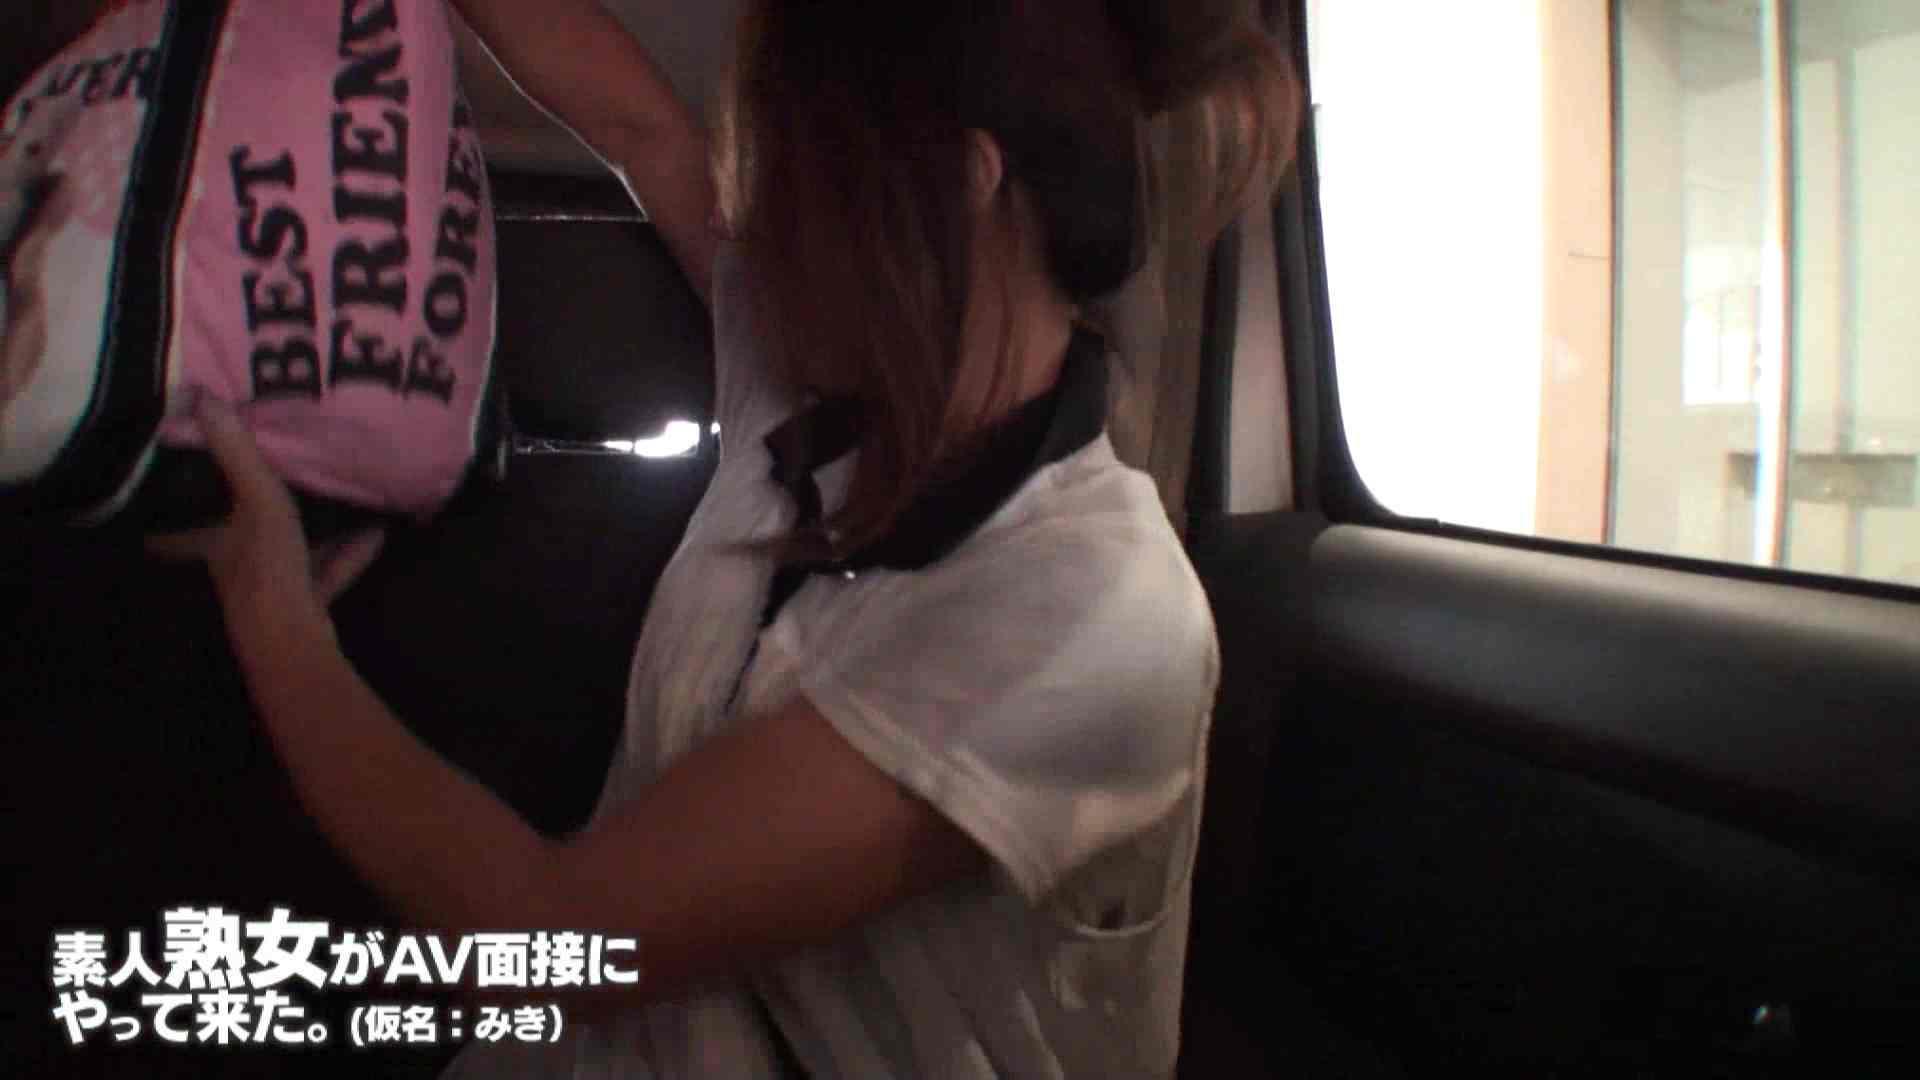 素人熟女がAV面接にやってきた (熟女)みきさんVOL.01 熟女のエッチ 盗み撮り動画 94pic 19